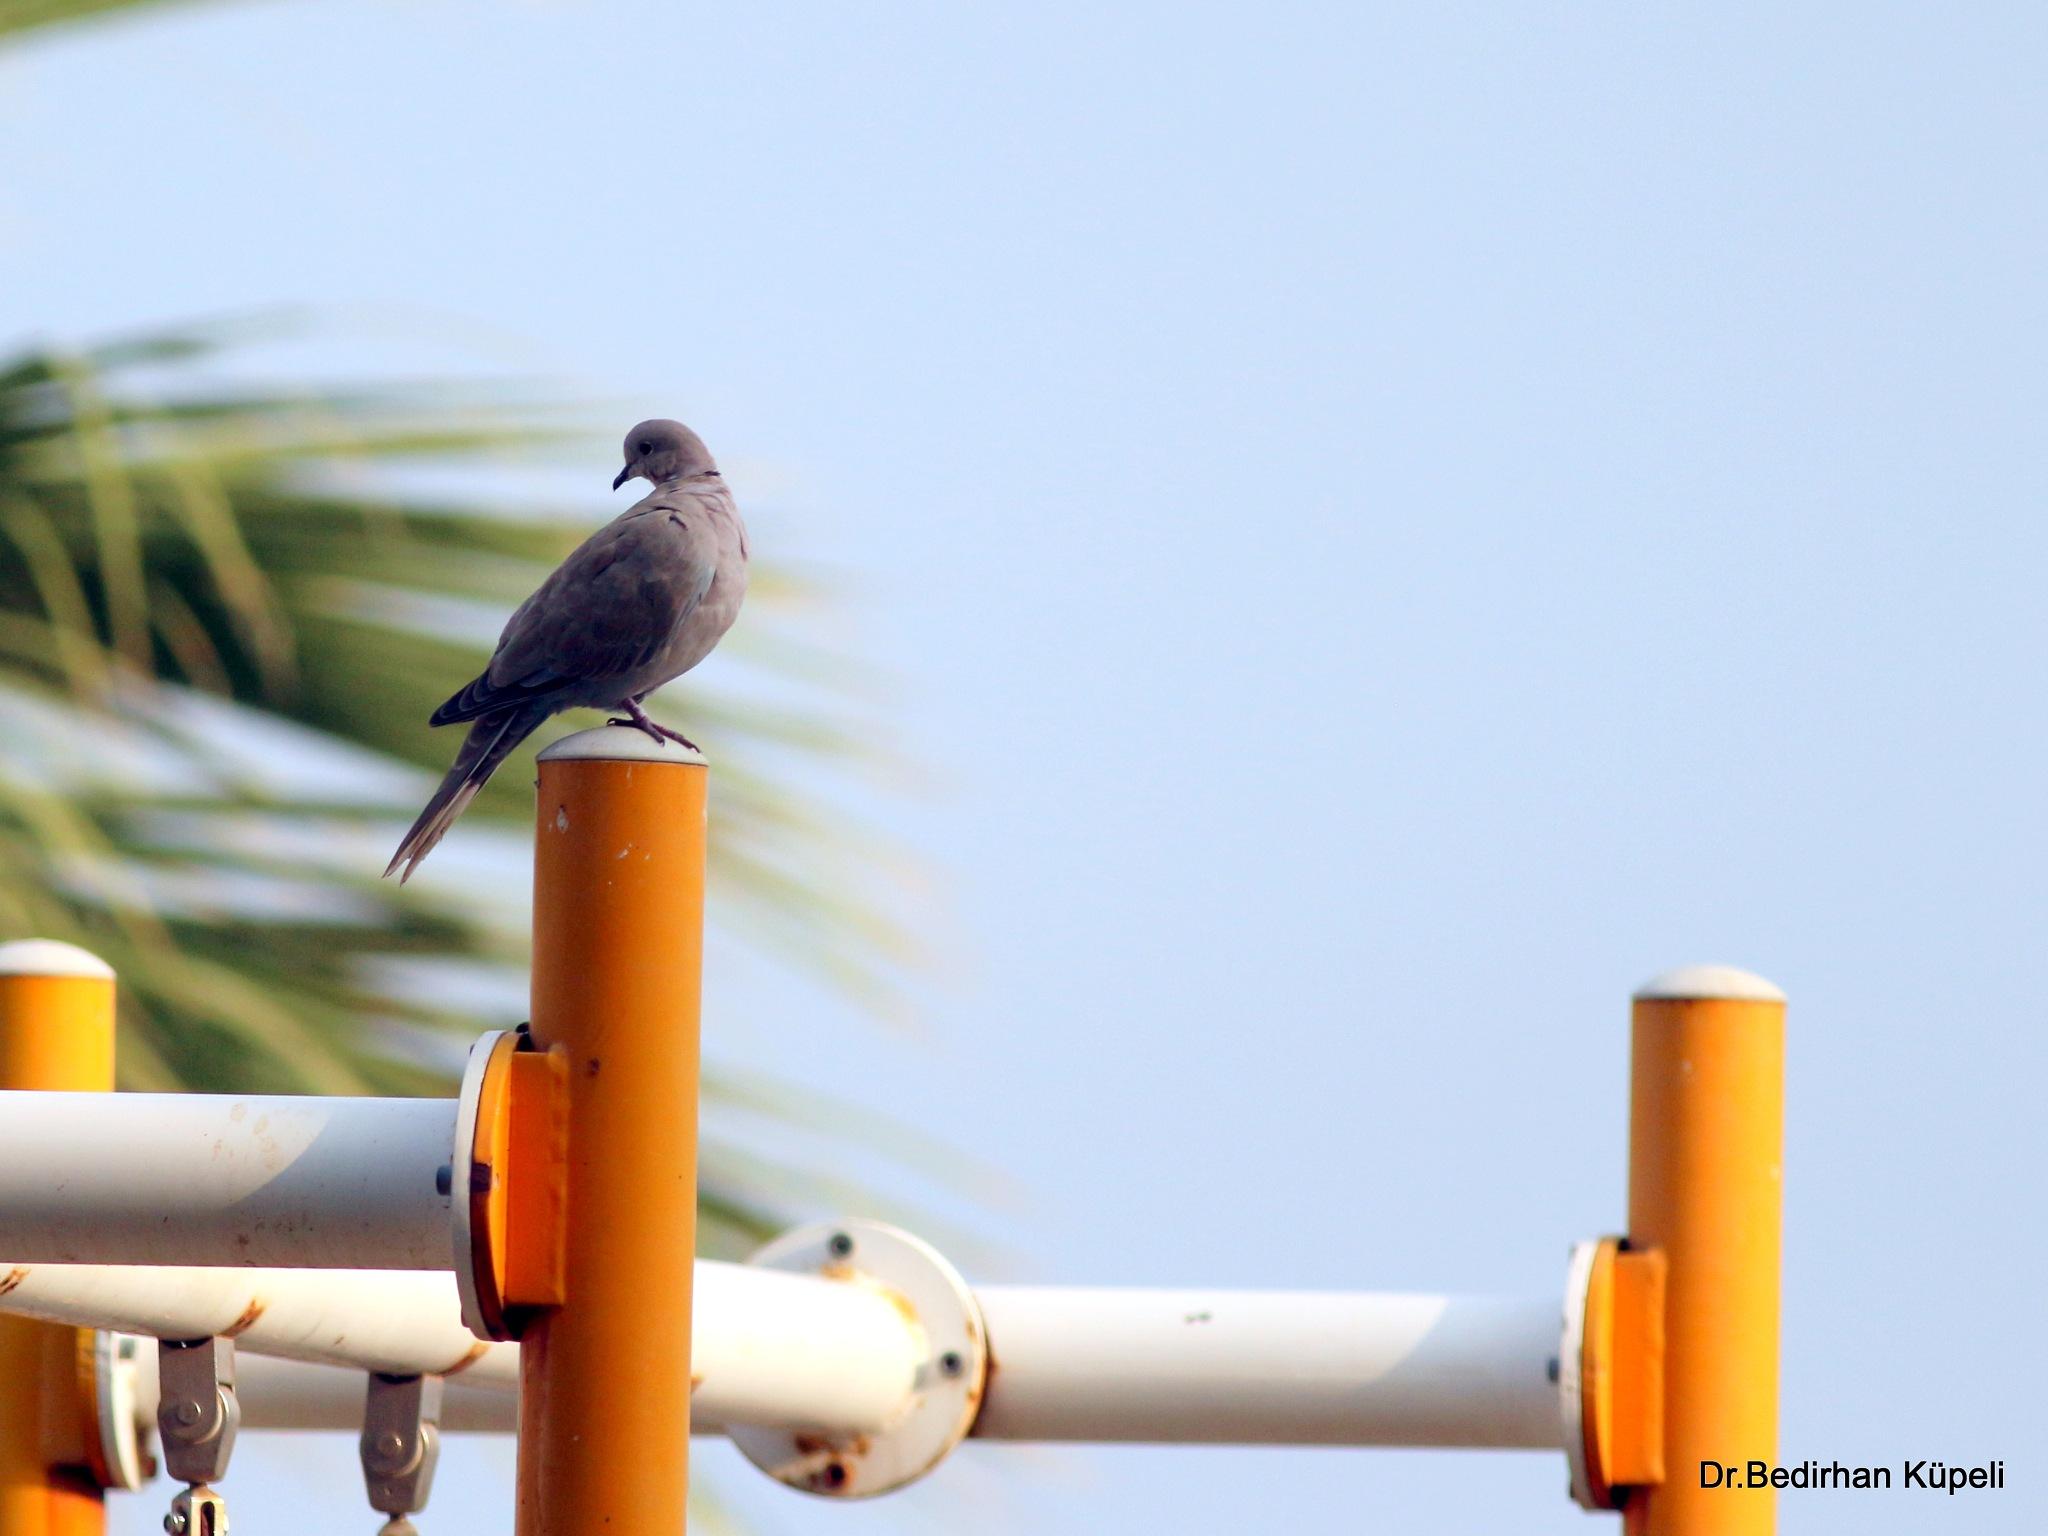 Eurasian Collared Dove by Bedirhan Küpeli